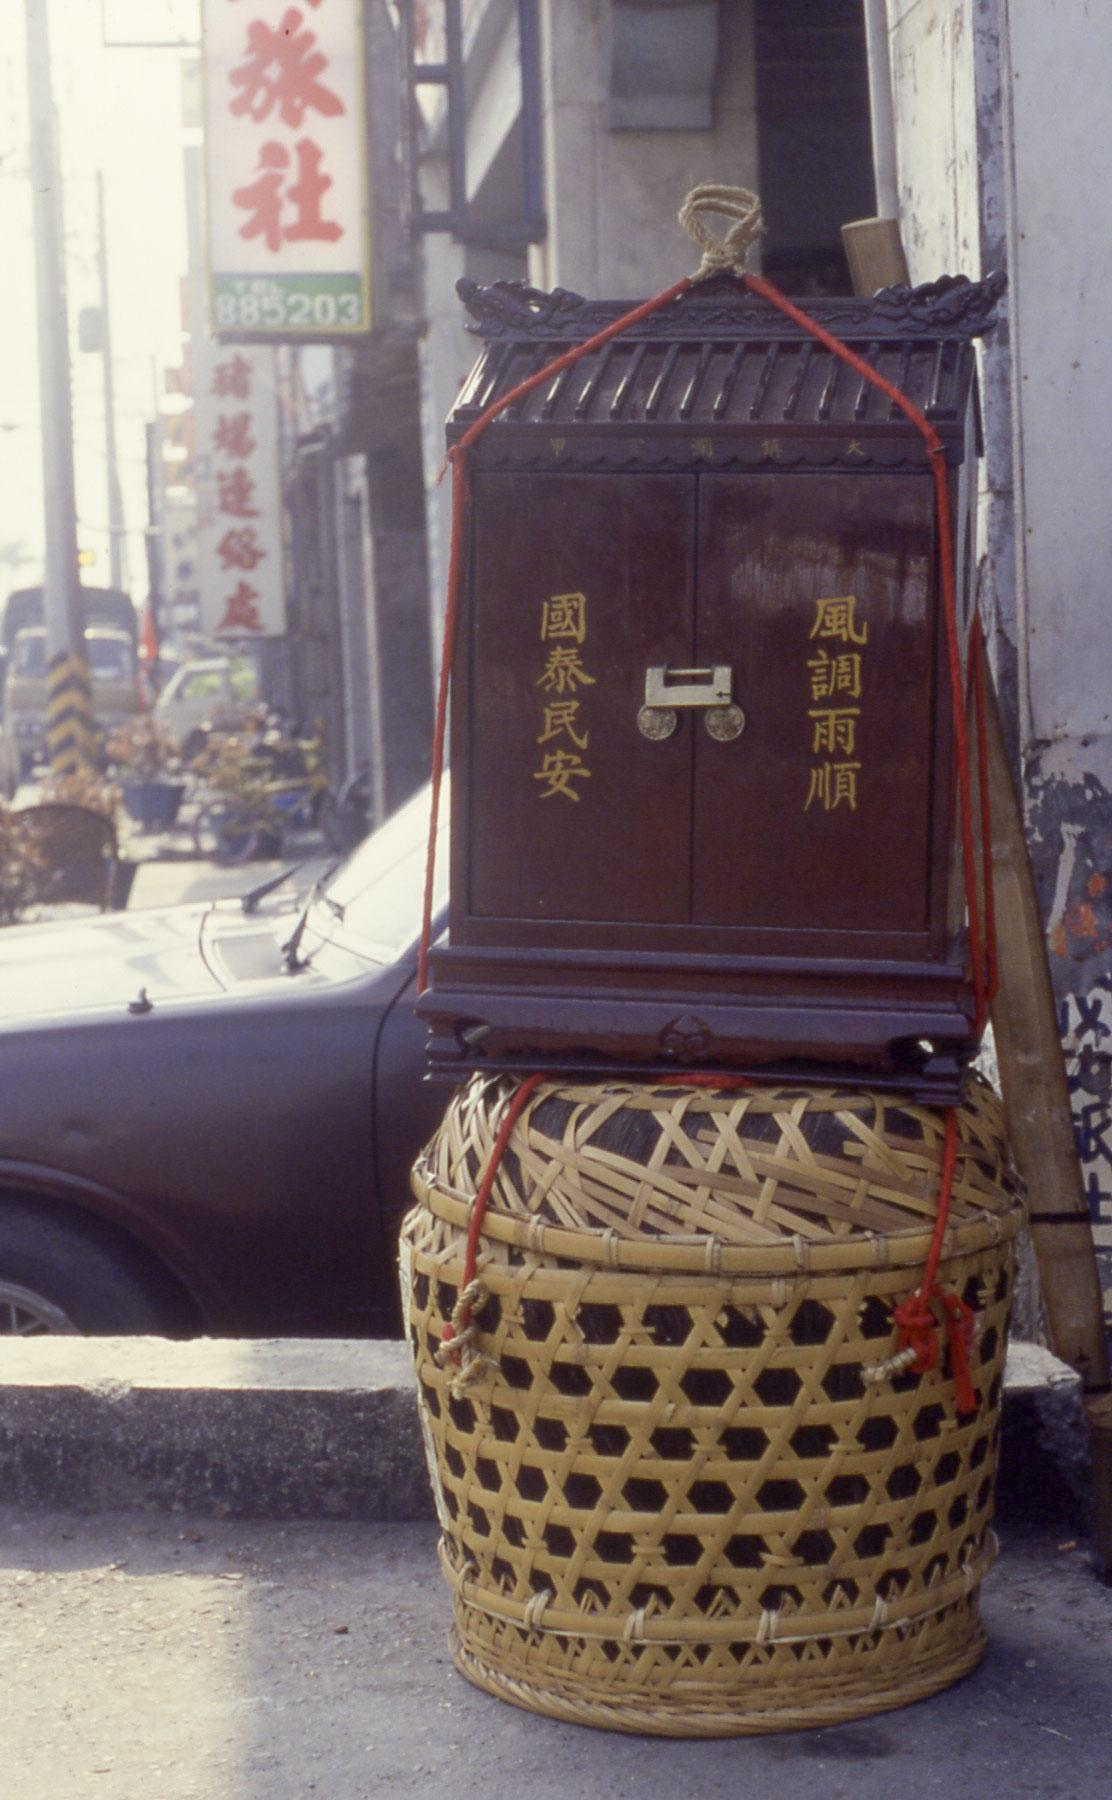 大甲鎮瀾宮的香擔,裡頭裝著香爐,是進香之行最重要的關鍵「任務」,沿途由廟方嚴密保護。 圖片來源│張珣